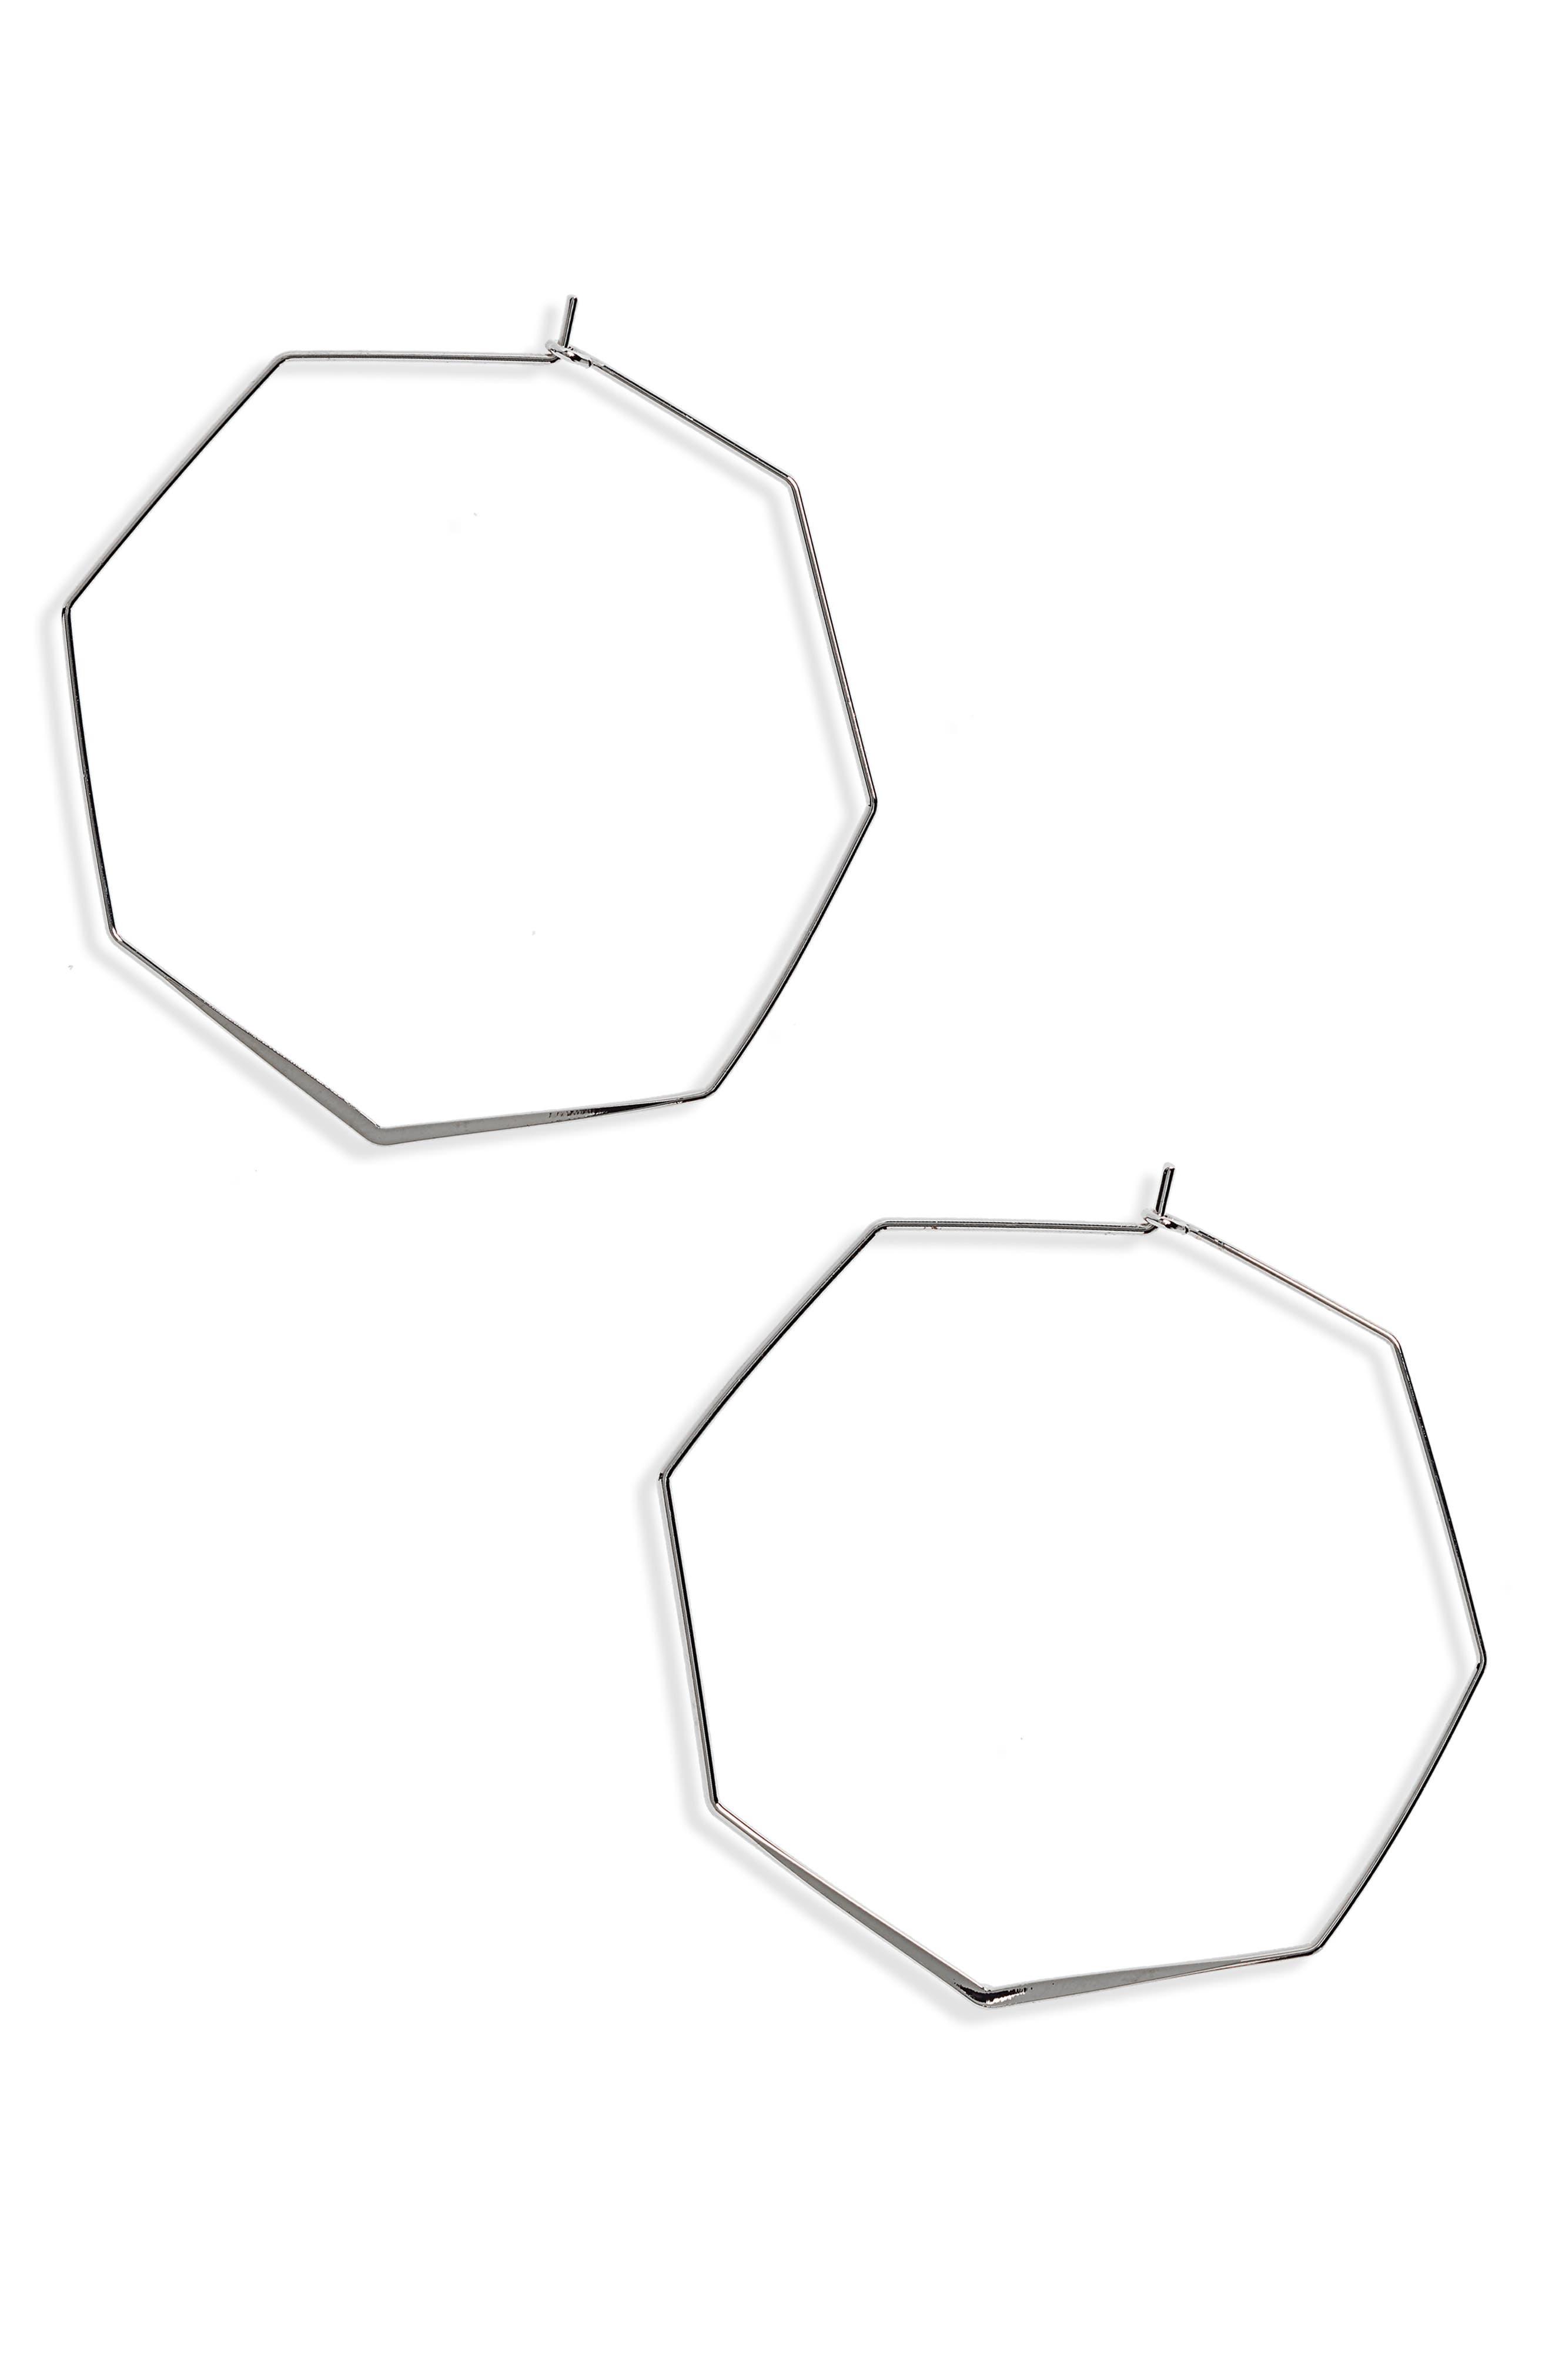 Hexagon Hoop Earrings,                             Main thumbnail 1, color,                             040